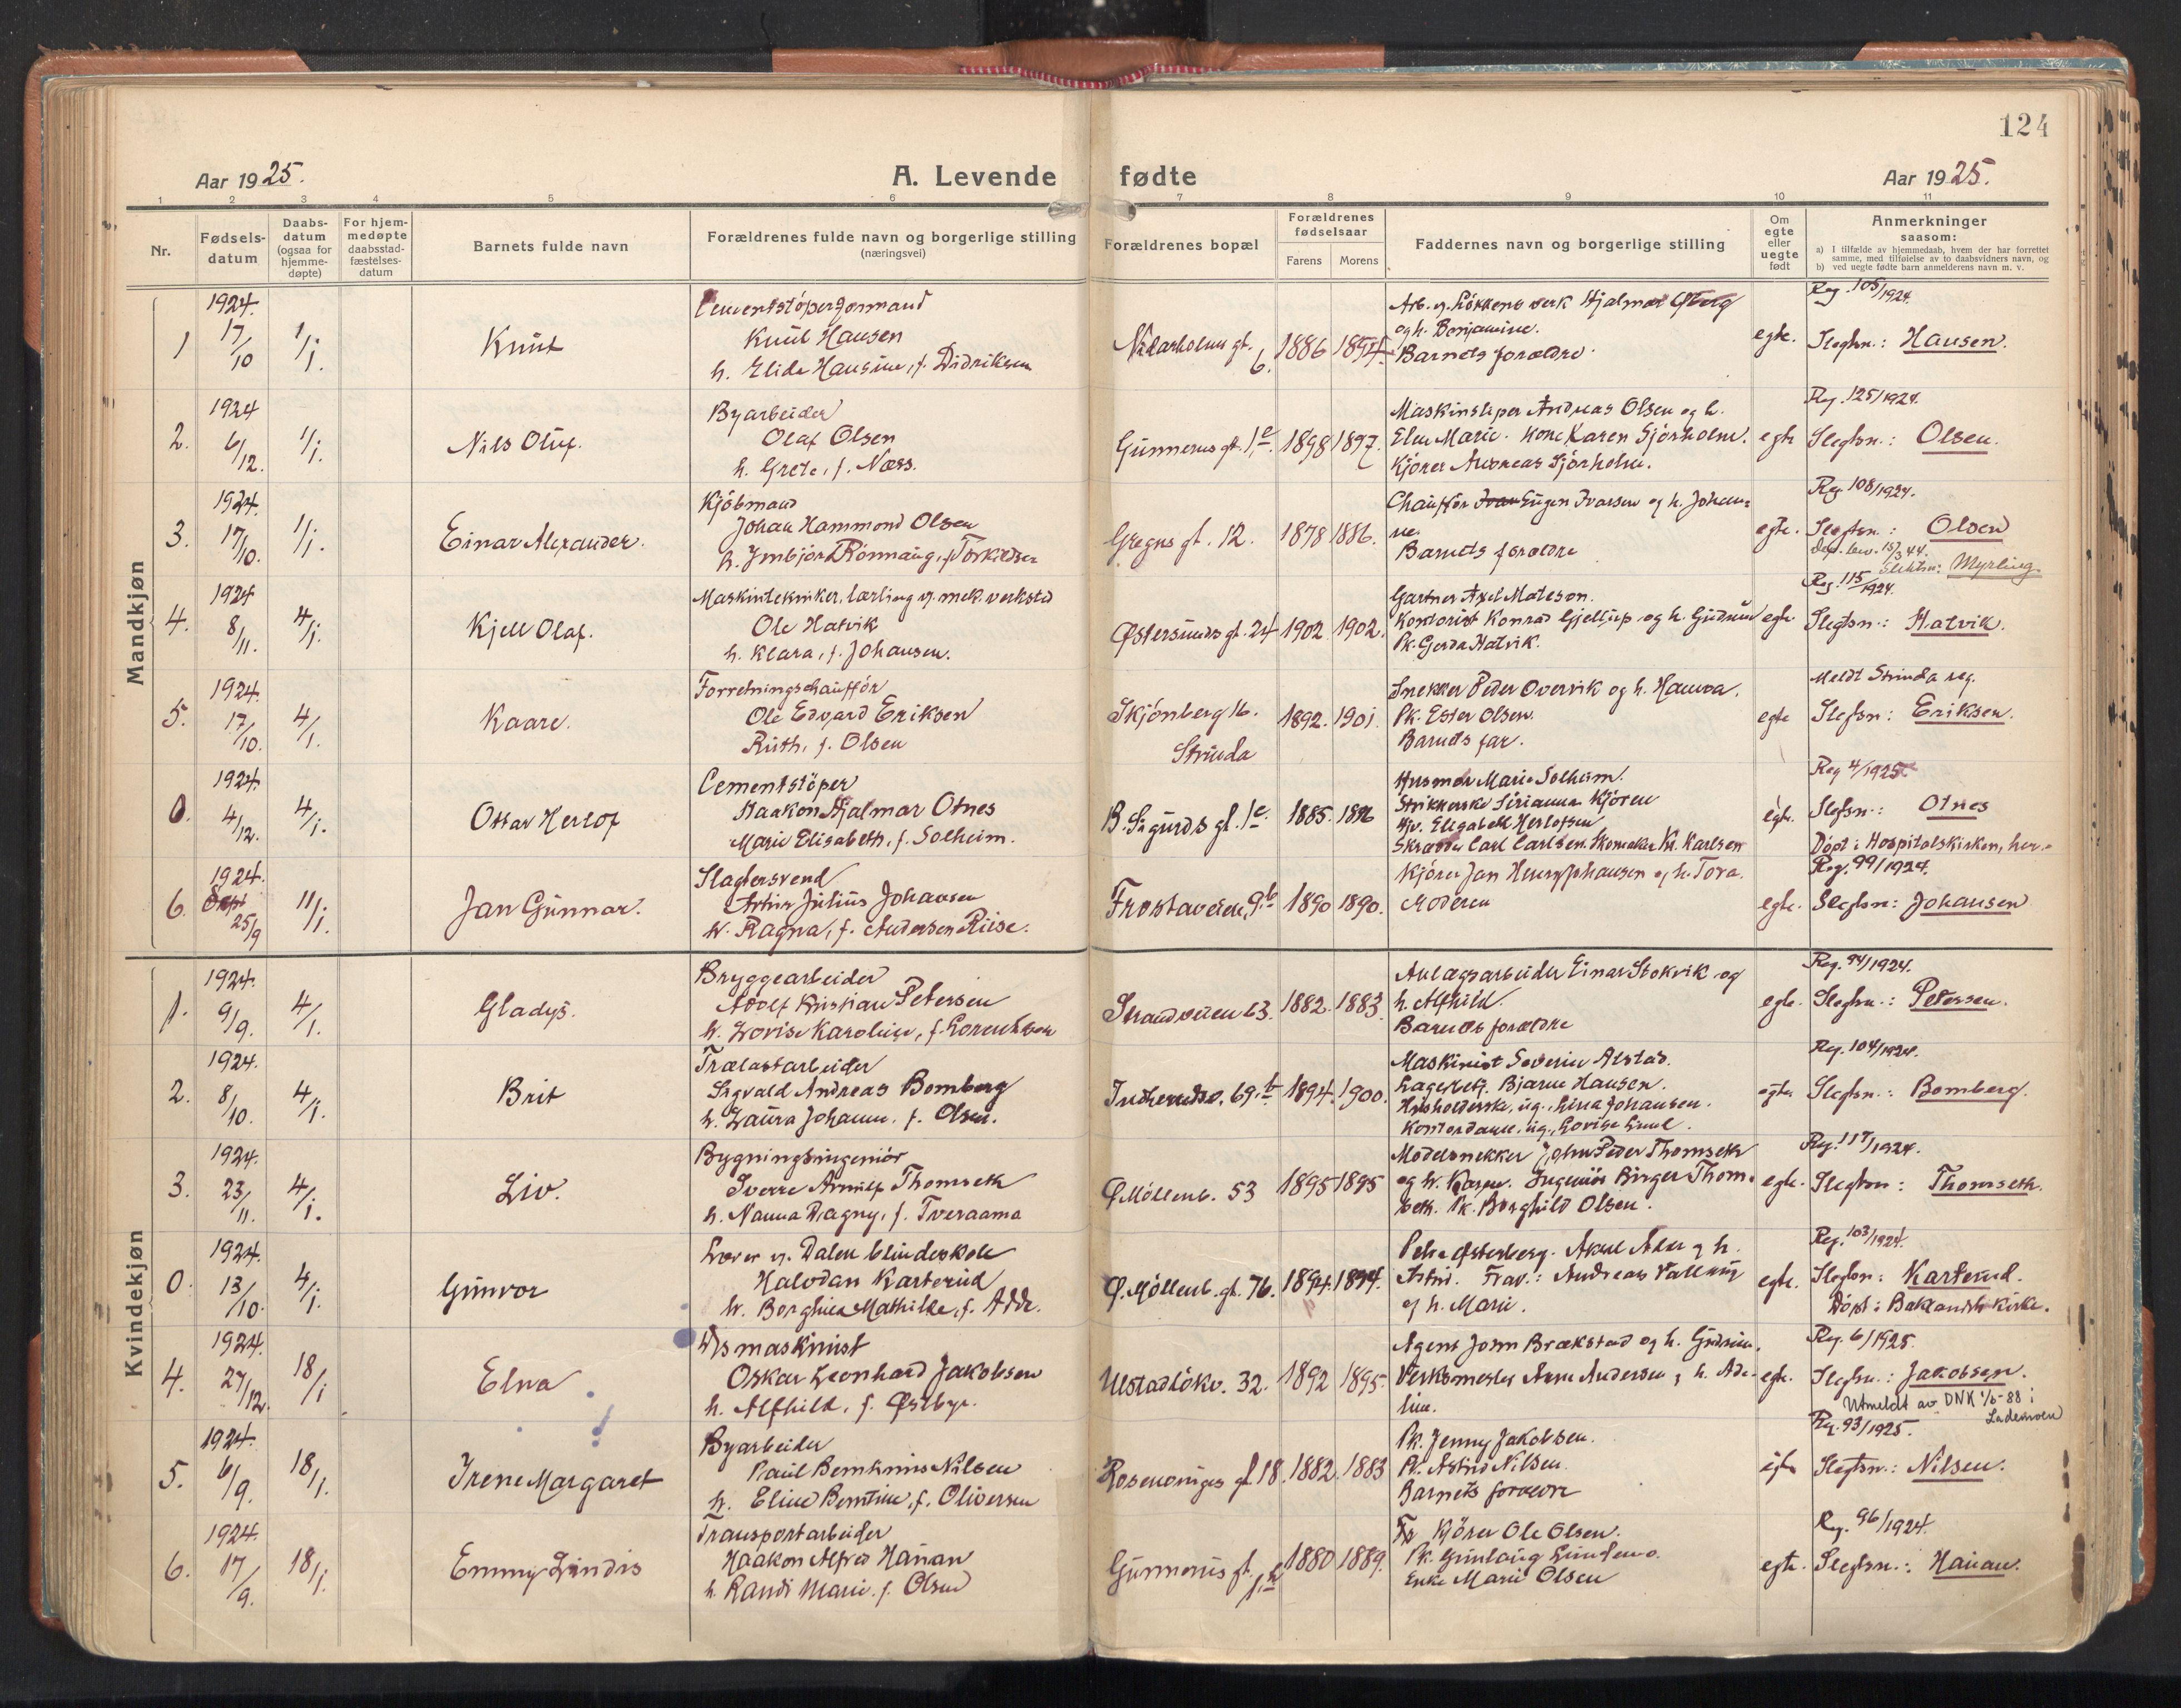 SAT, Ministerialprotokoller, klokkerbøker og fødselsregistre - Sør-Trøndelag, 605/L0248: Ministerialbok nr. 605A10, 1920-1937, s. 124